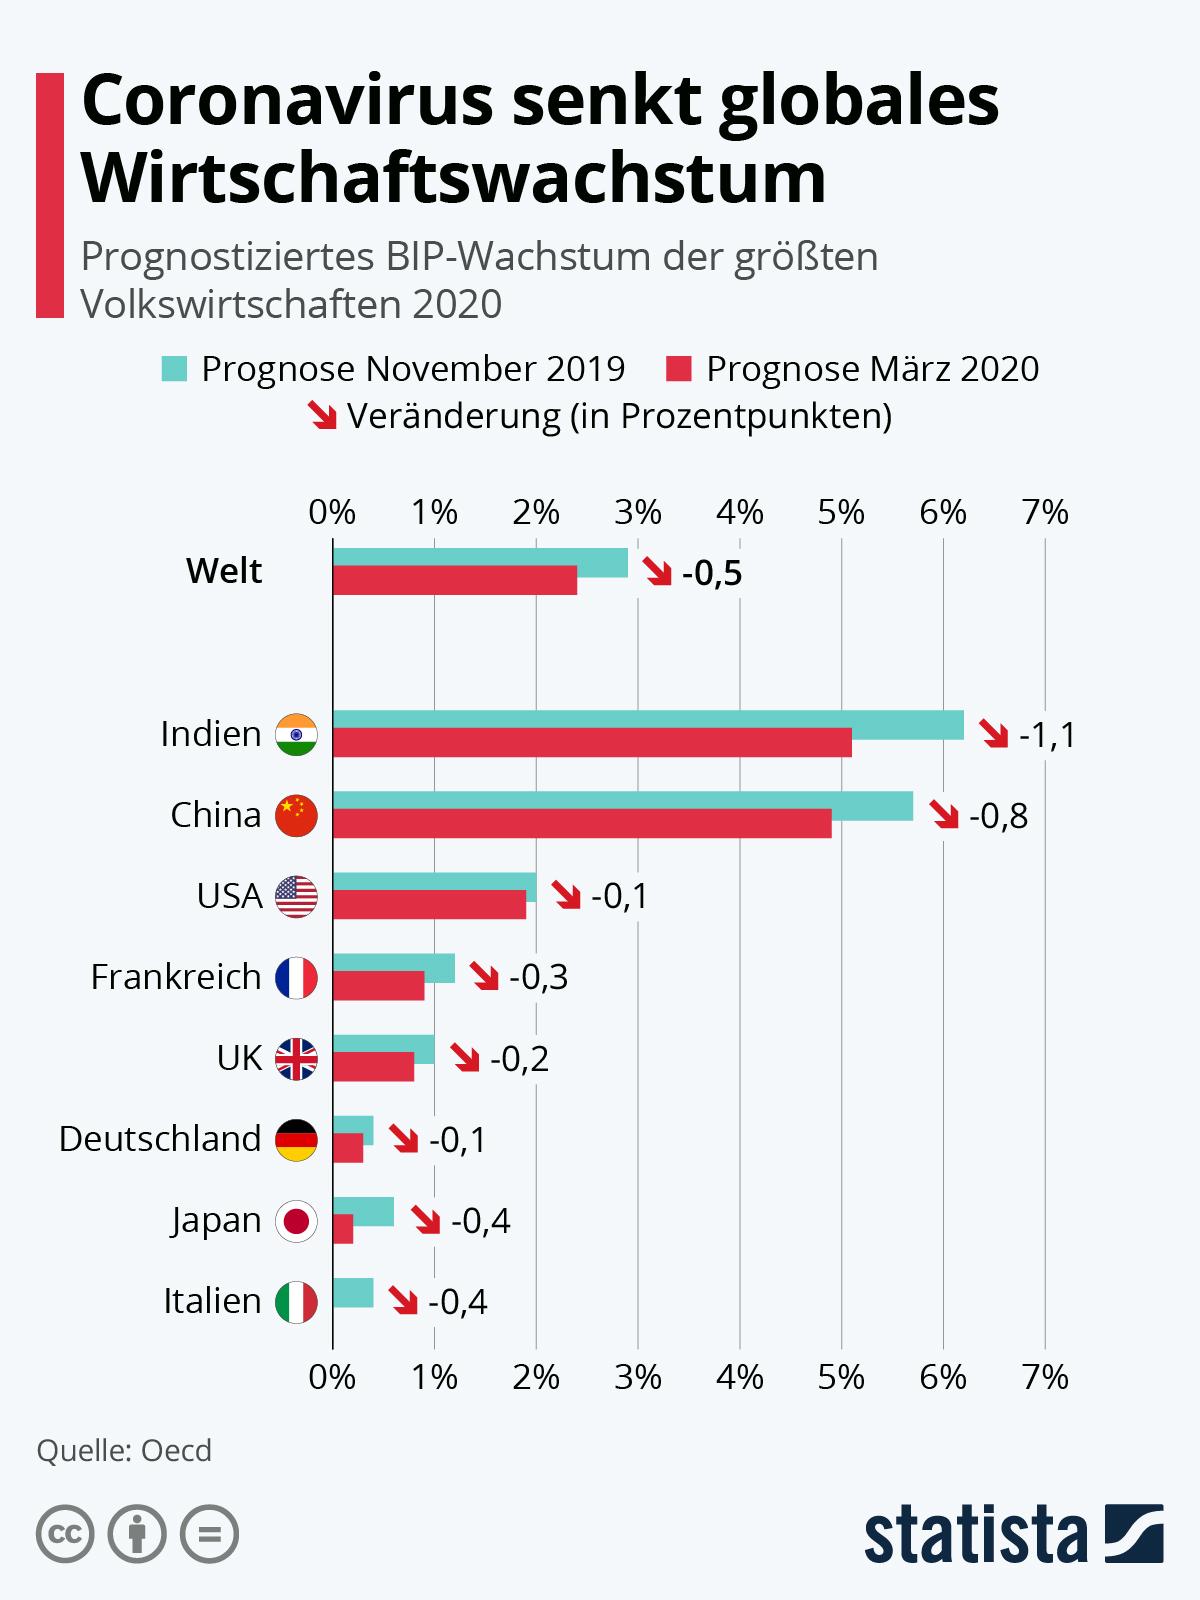 Инфографика: вирус короны замедляет глобальный экономический рост  Statista